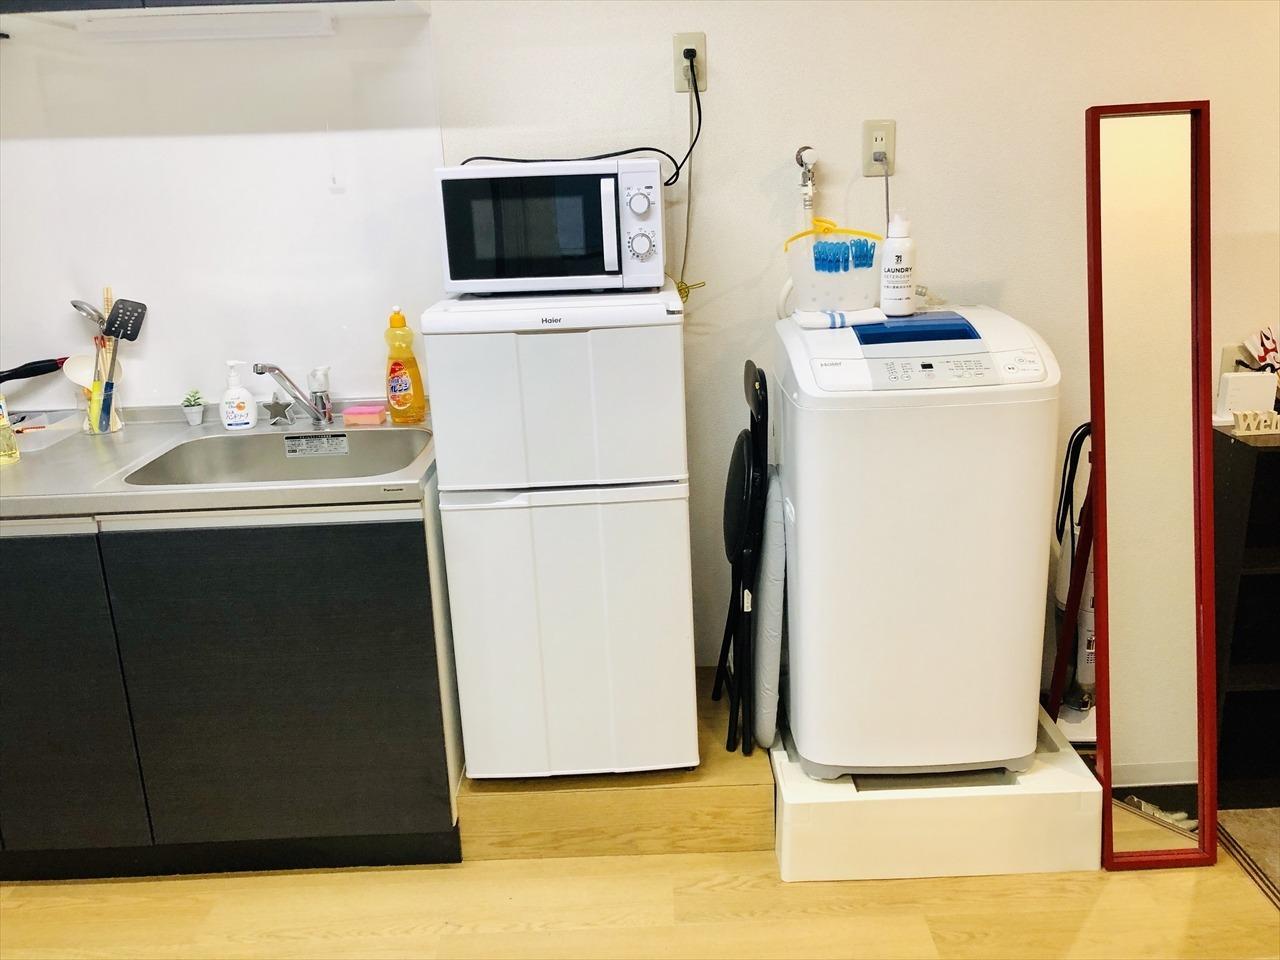 Kitchen utensils & Washing machine